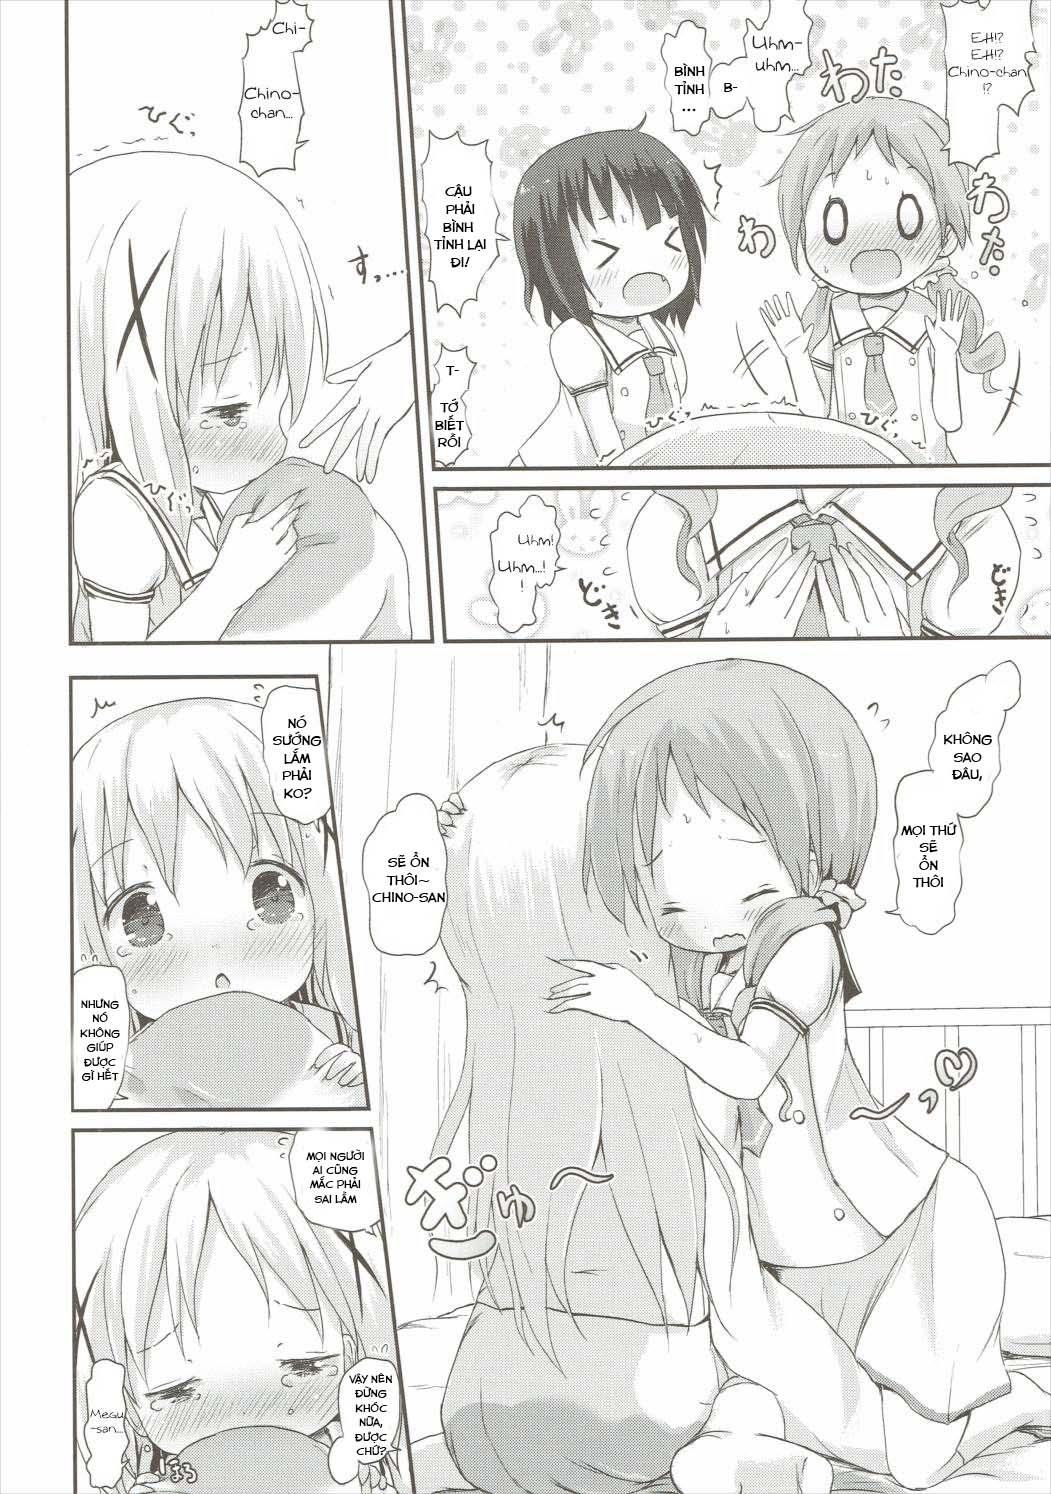 HentaiVN.net - Ảnh 19 - Moshikashite, Chino-chan Onesho Shichatta no?? 2 (Gochuumon wa Usagi desu ka?) - Oneshot